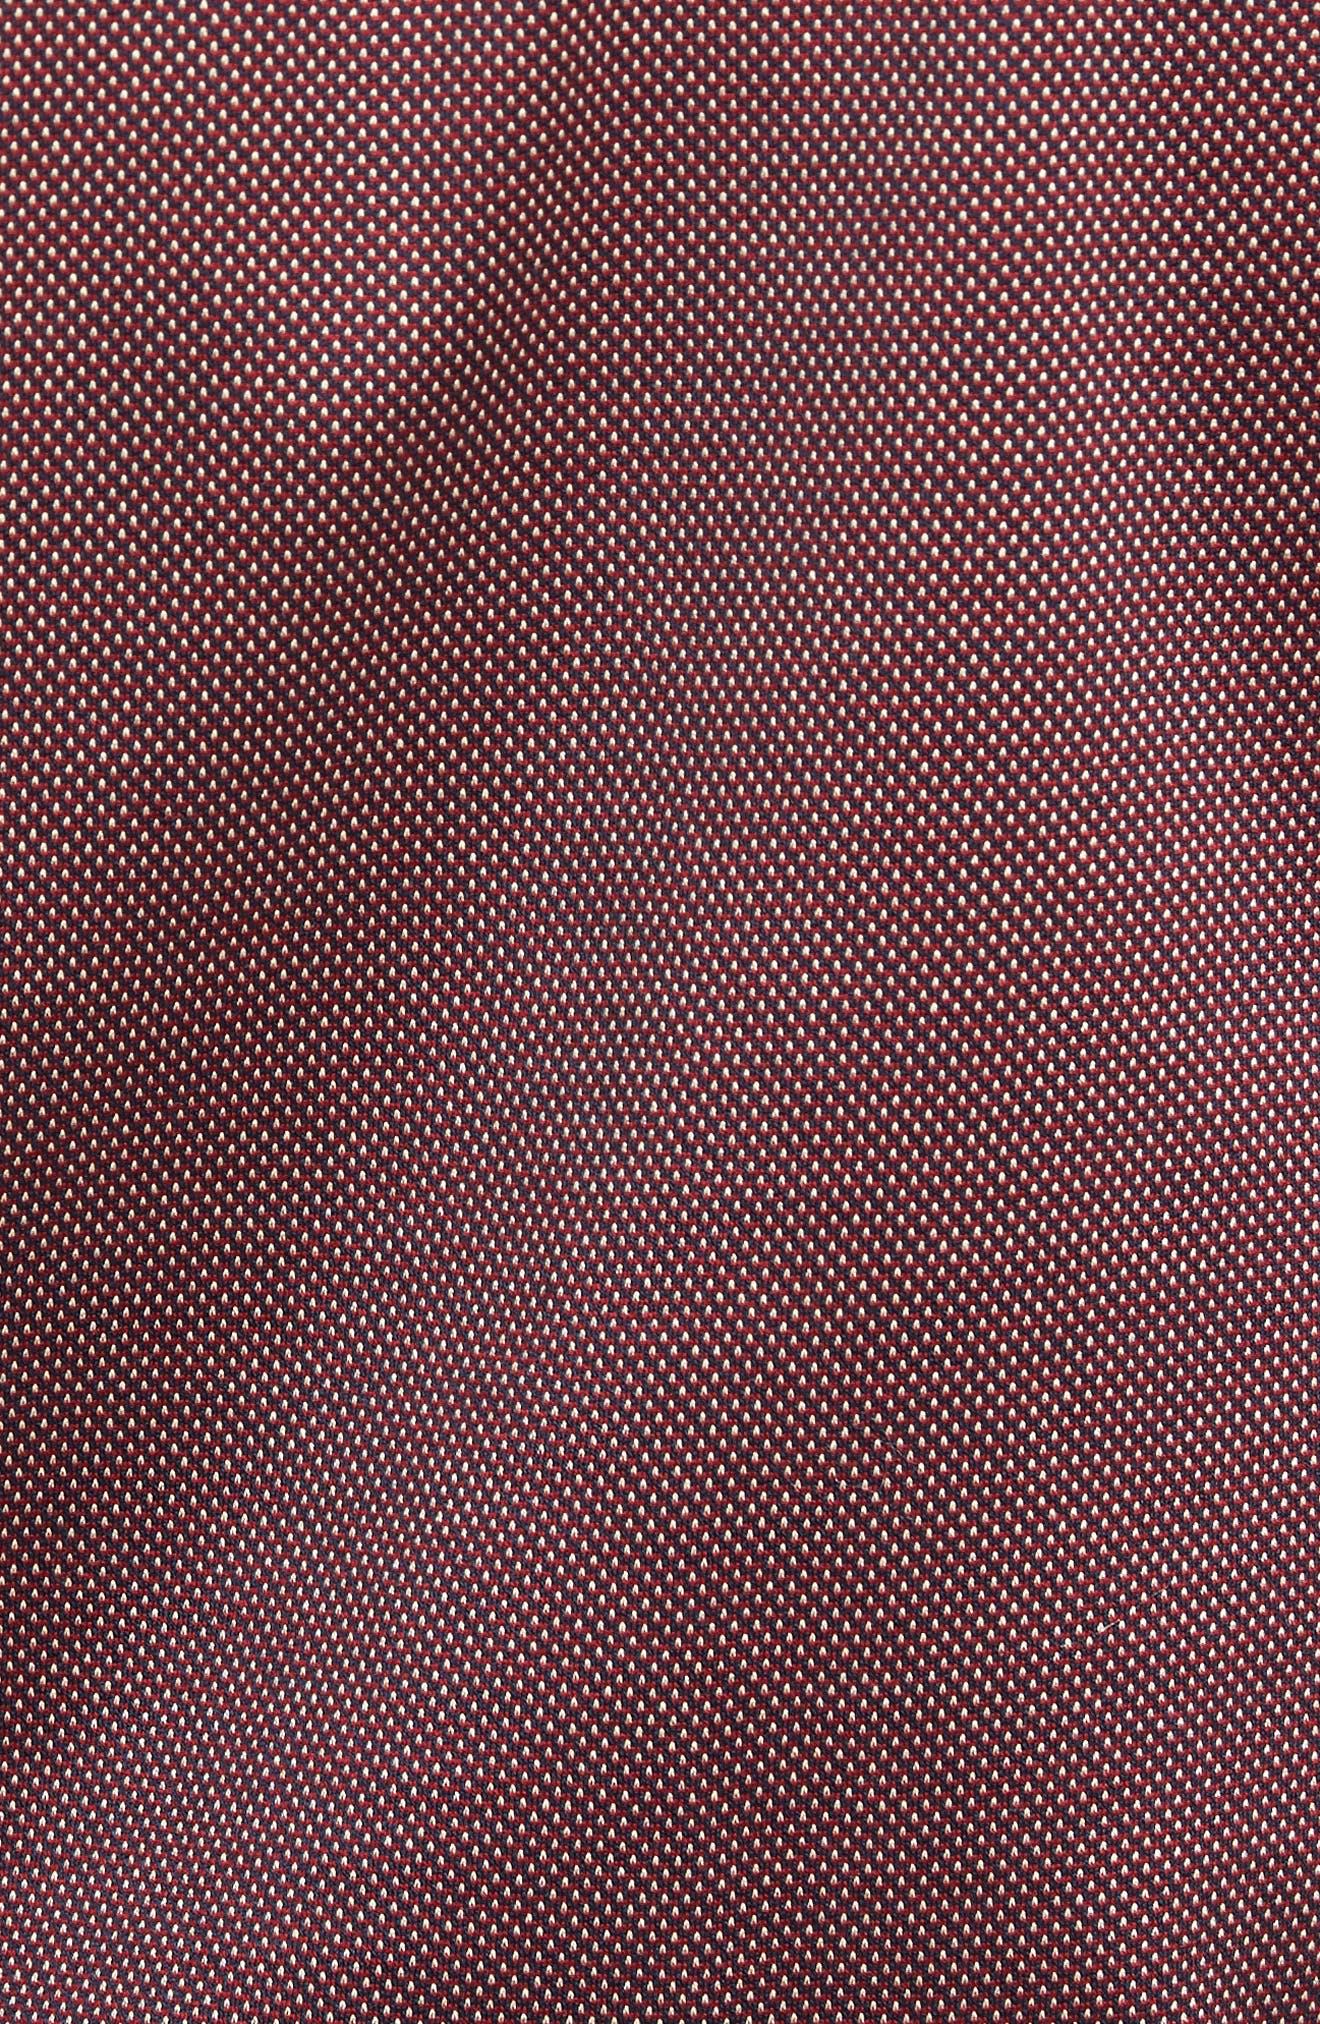 Verde Jacquard Mercerized Cotton Polo,                             Alternate thumbnail 15, color,